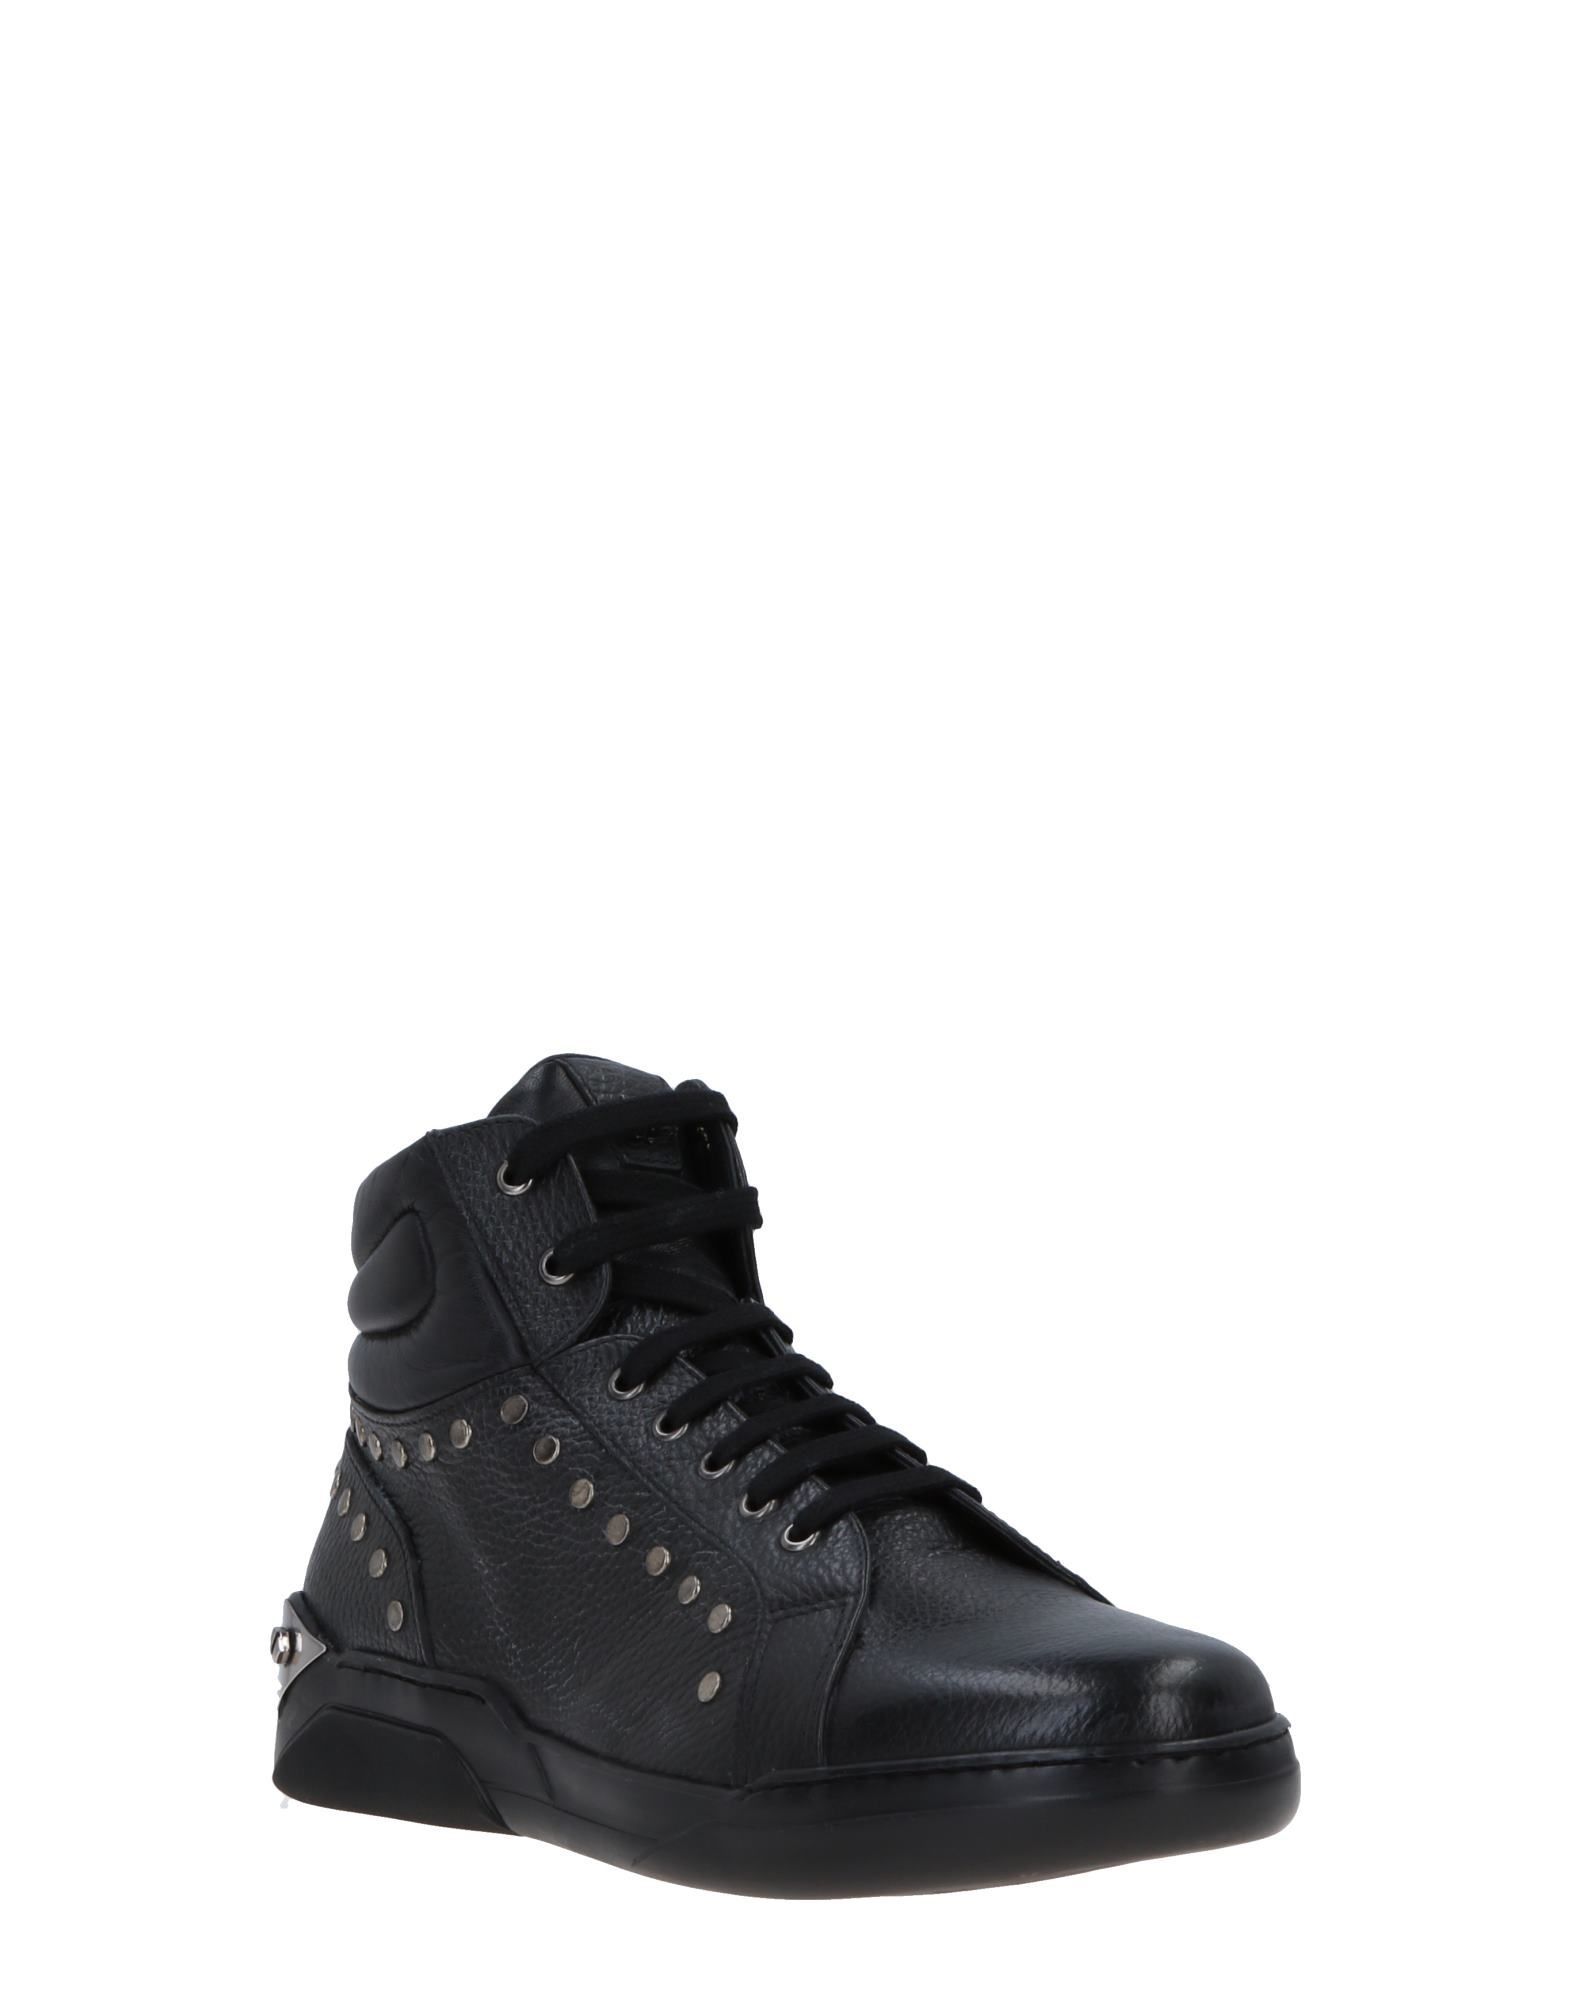 Roberto Botticelli Stiefelette Herren  11515793AH Gute Qualität beliebte Schuhe